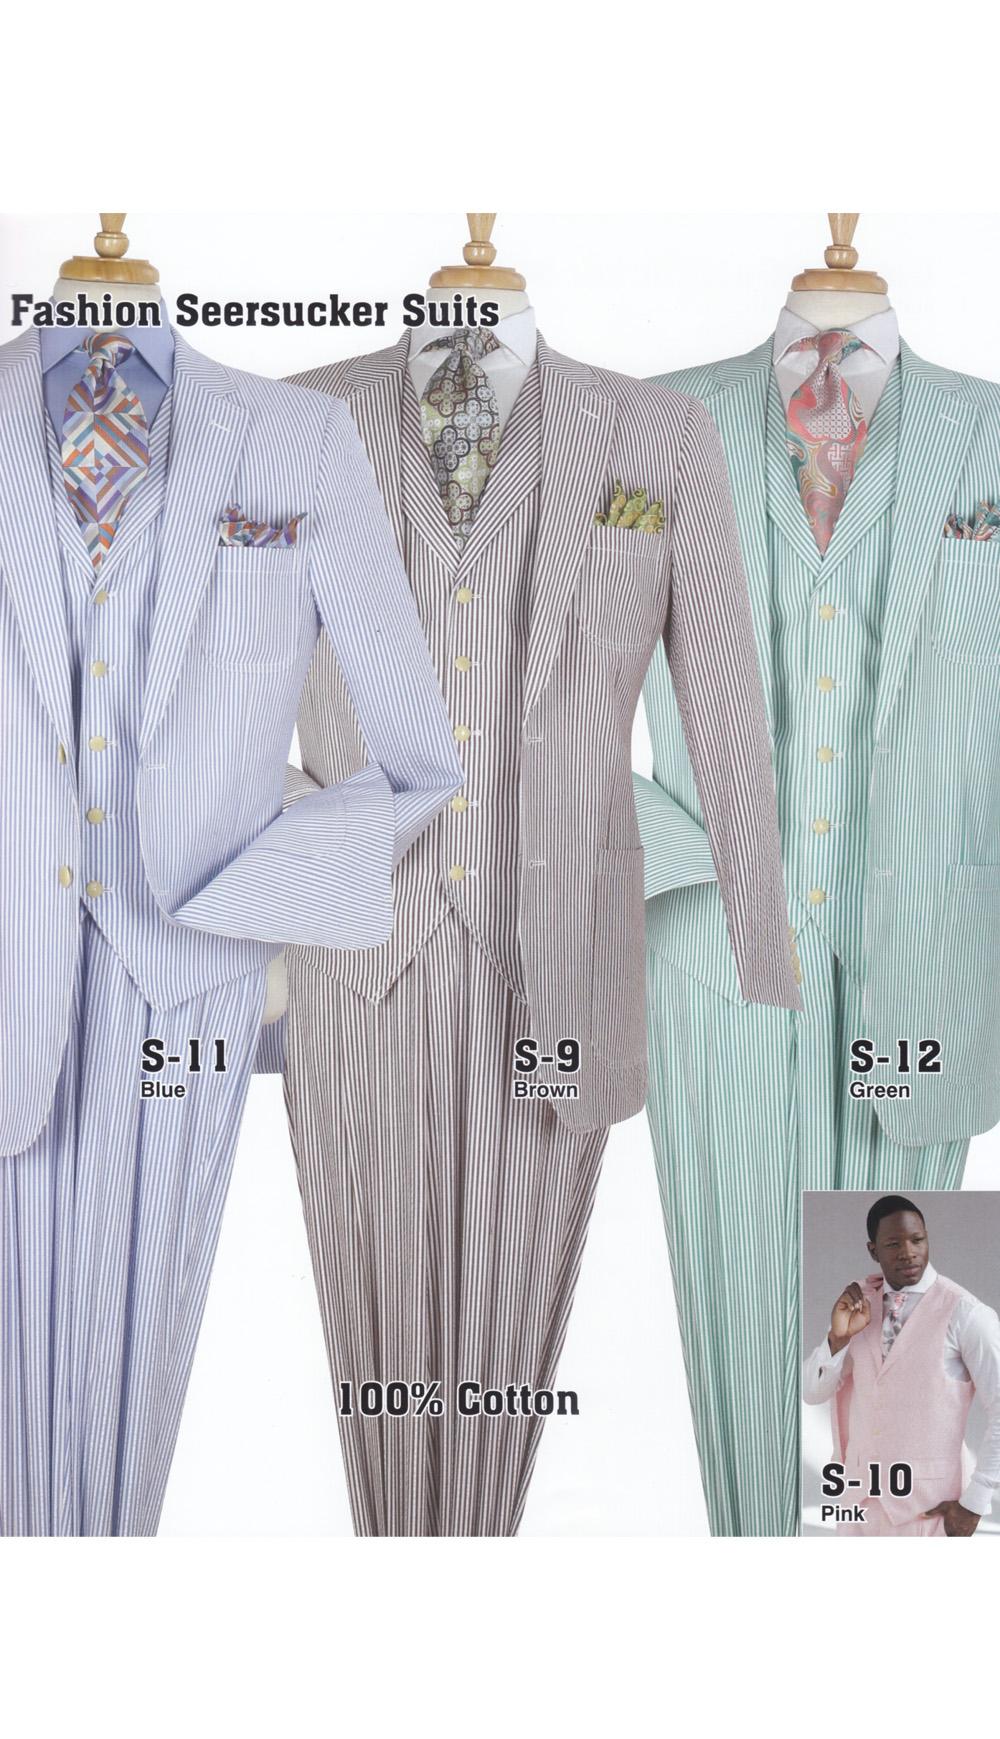 High Fashion Men Suits S-12